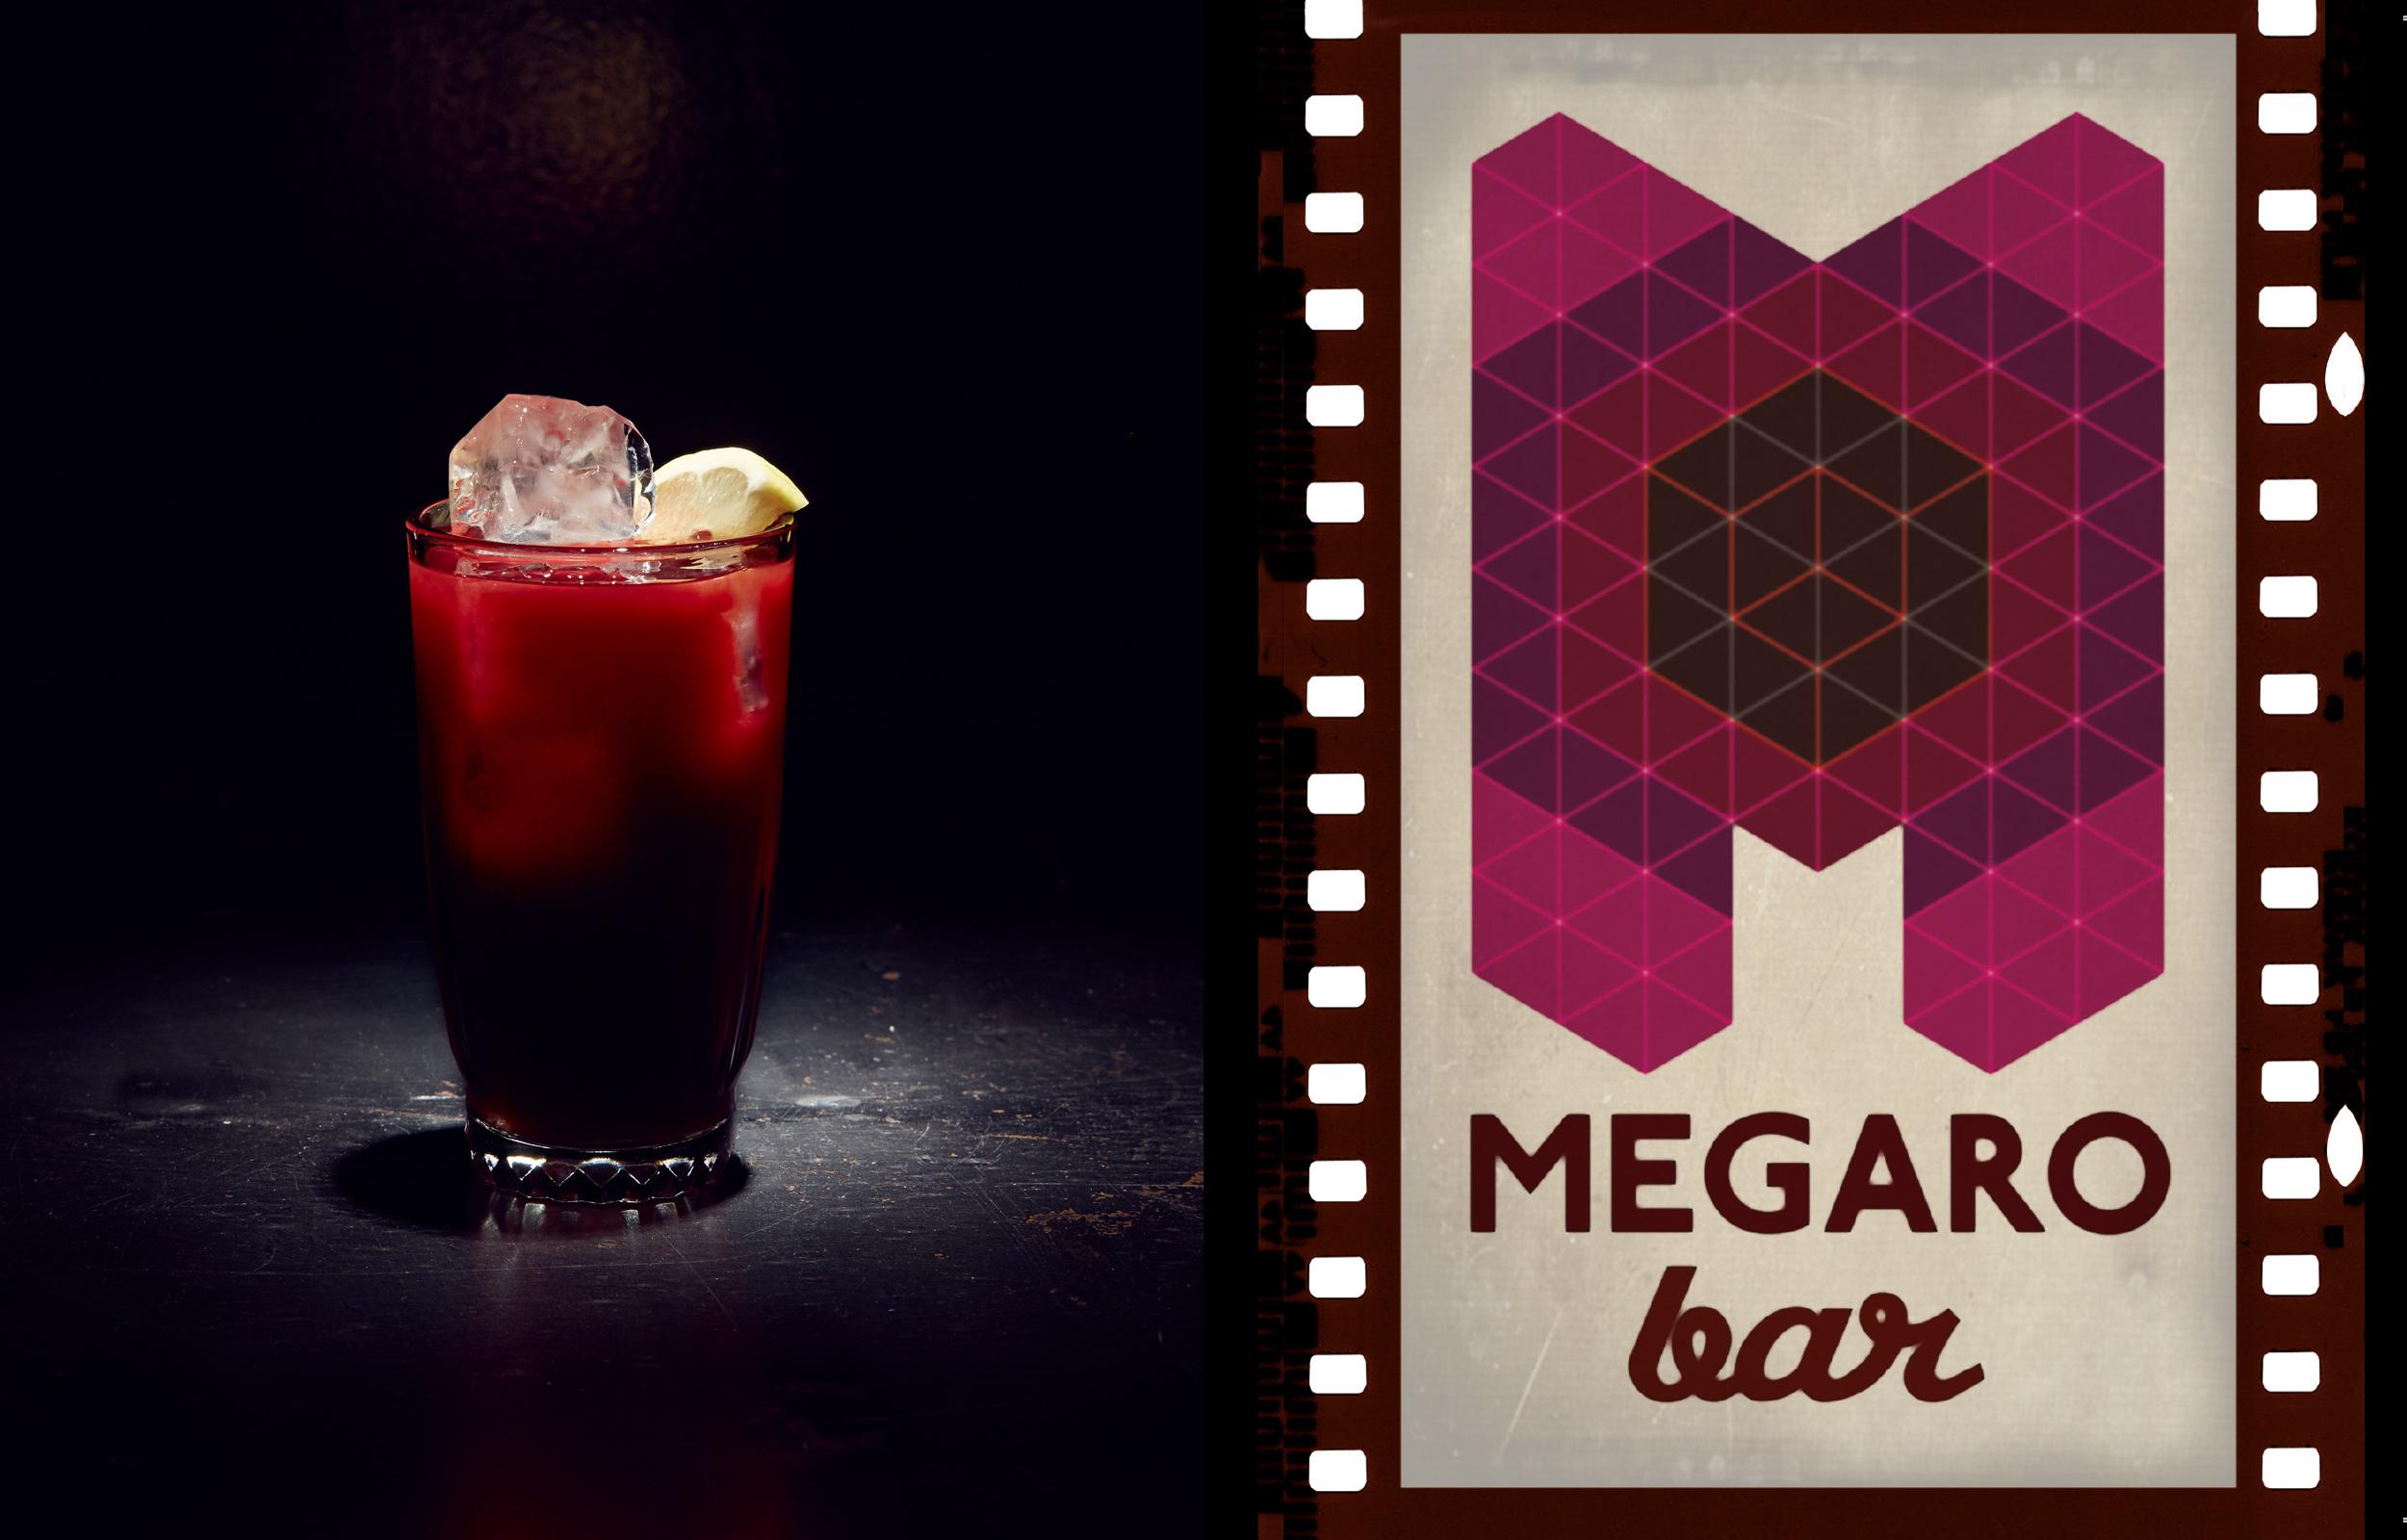 MegaroBar-Case-study-5